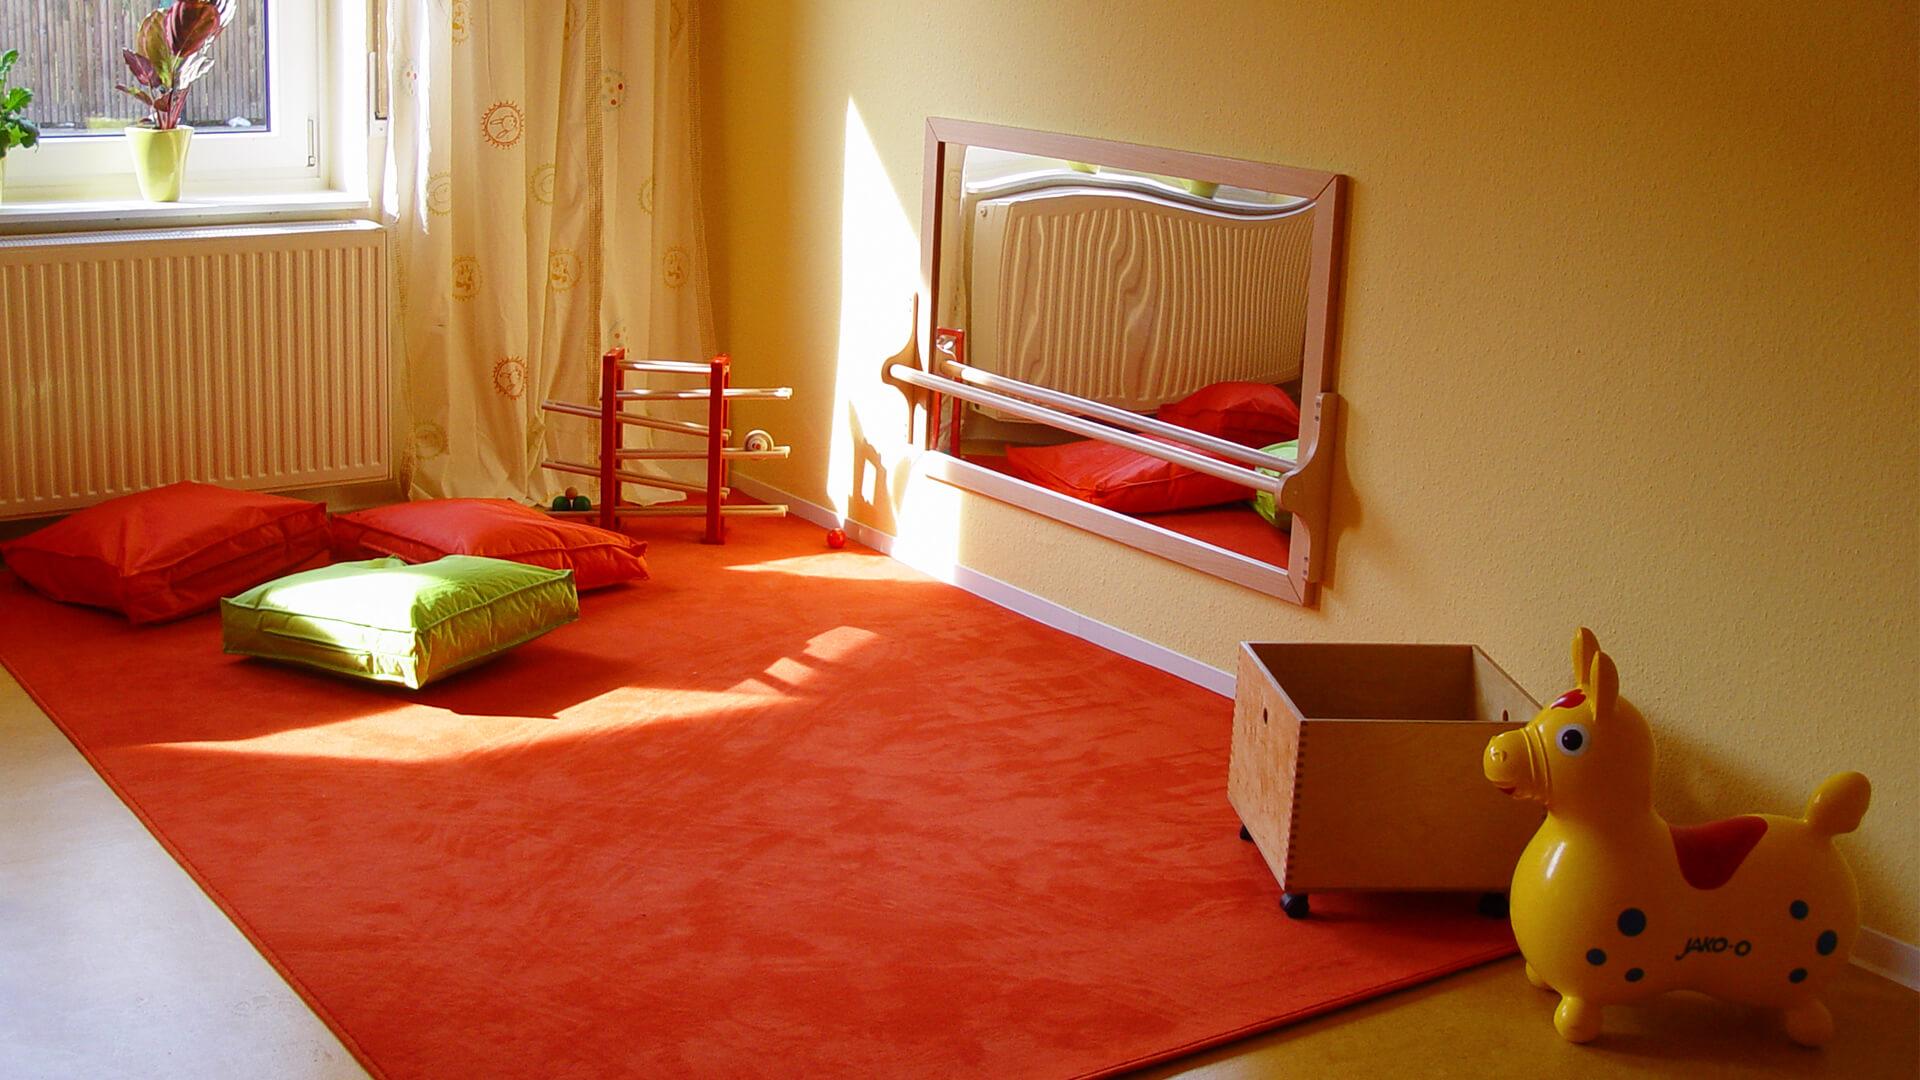 Spielecke der Kita in Langenhagen - Mit Teppich, Sitzkissen und Spielzeug